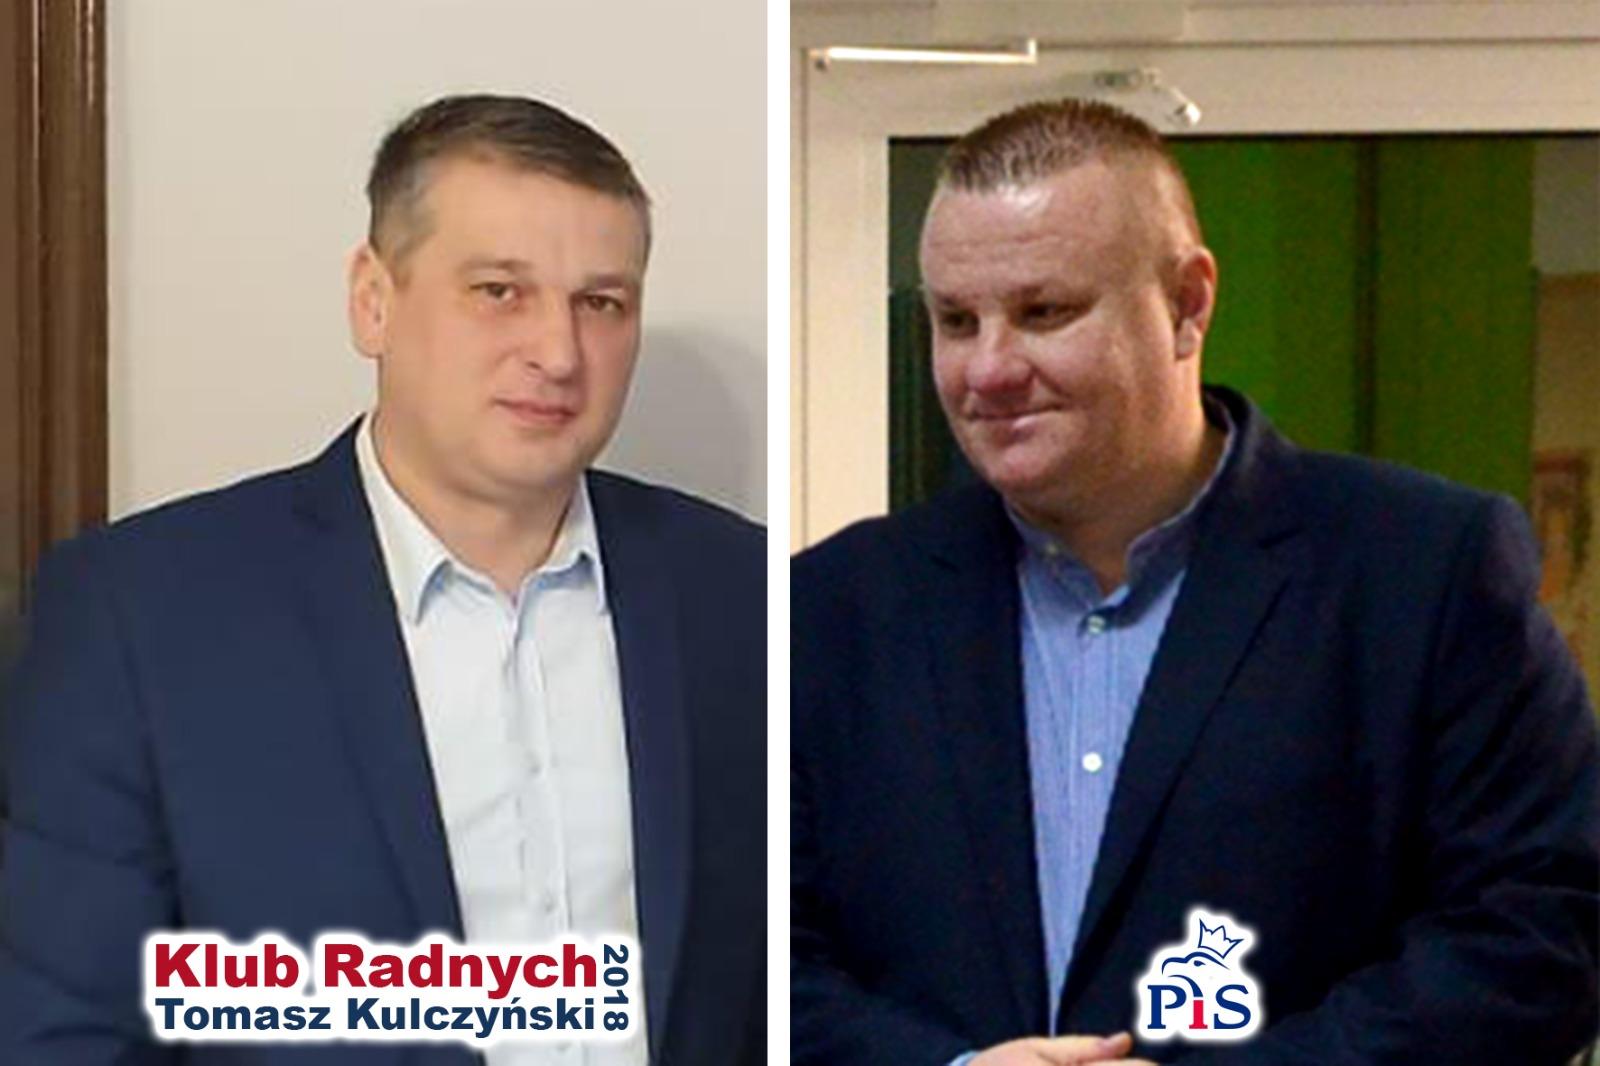 Co dalej z koalicją Kulczyński-PiS?